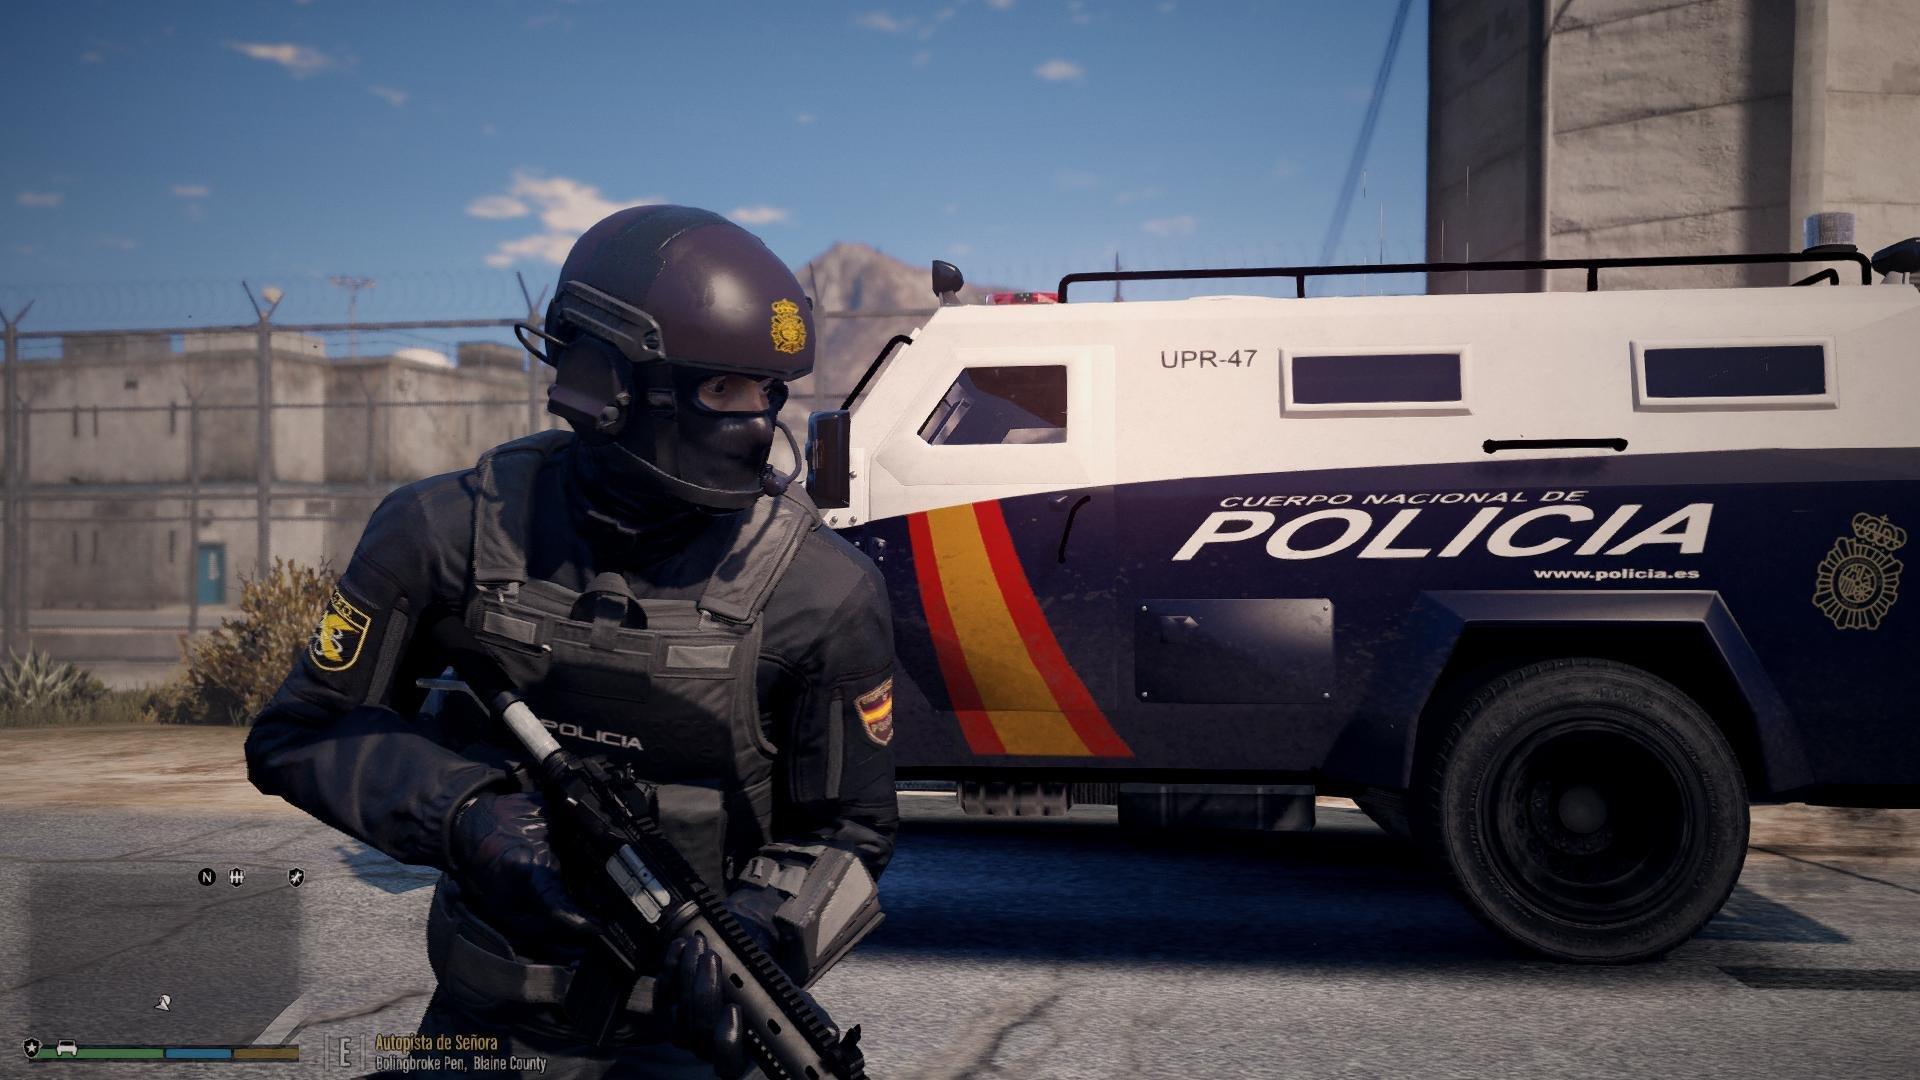 La eficacia de la Policía española es proverbial. Ministerio del Interior